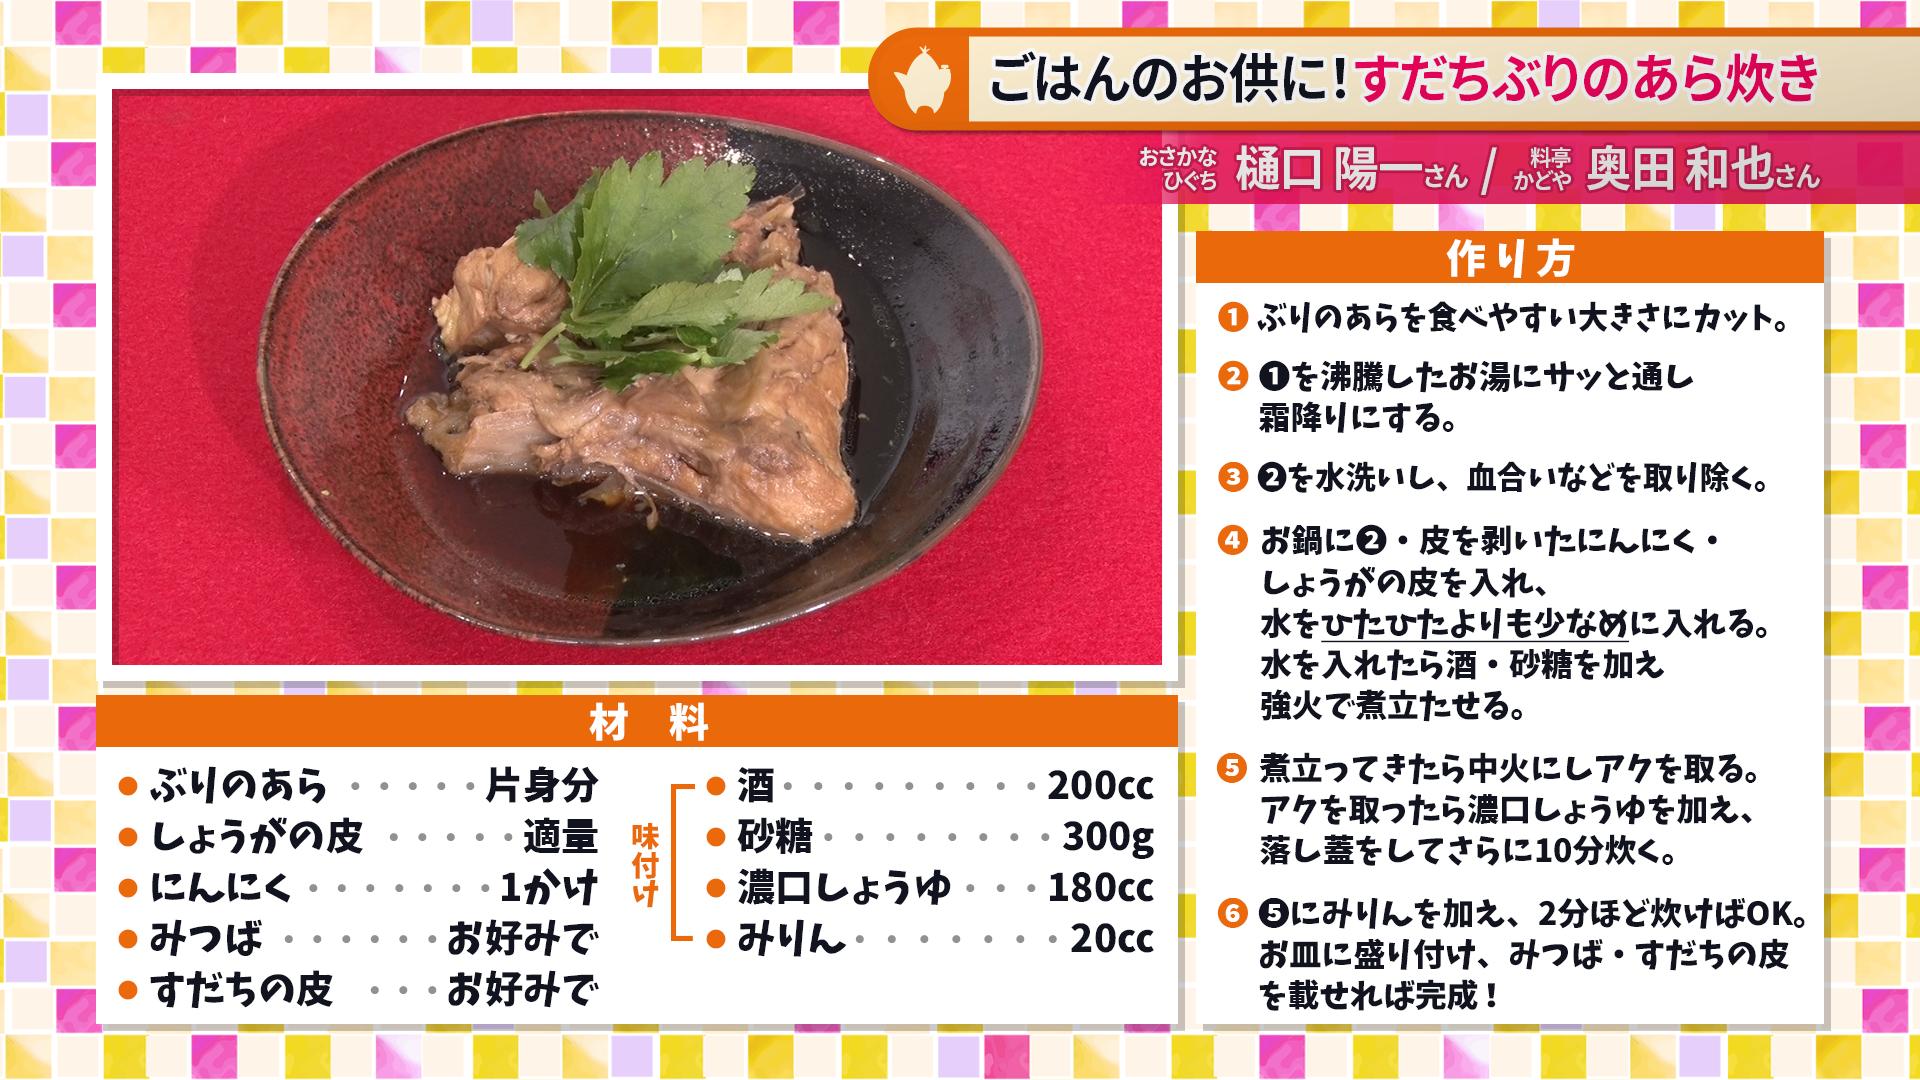 たけナビ『すだちぶりのあら炊き』レシピ(6/2初回放送)